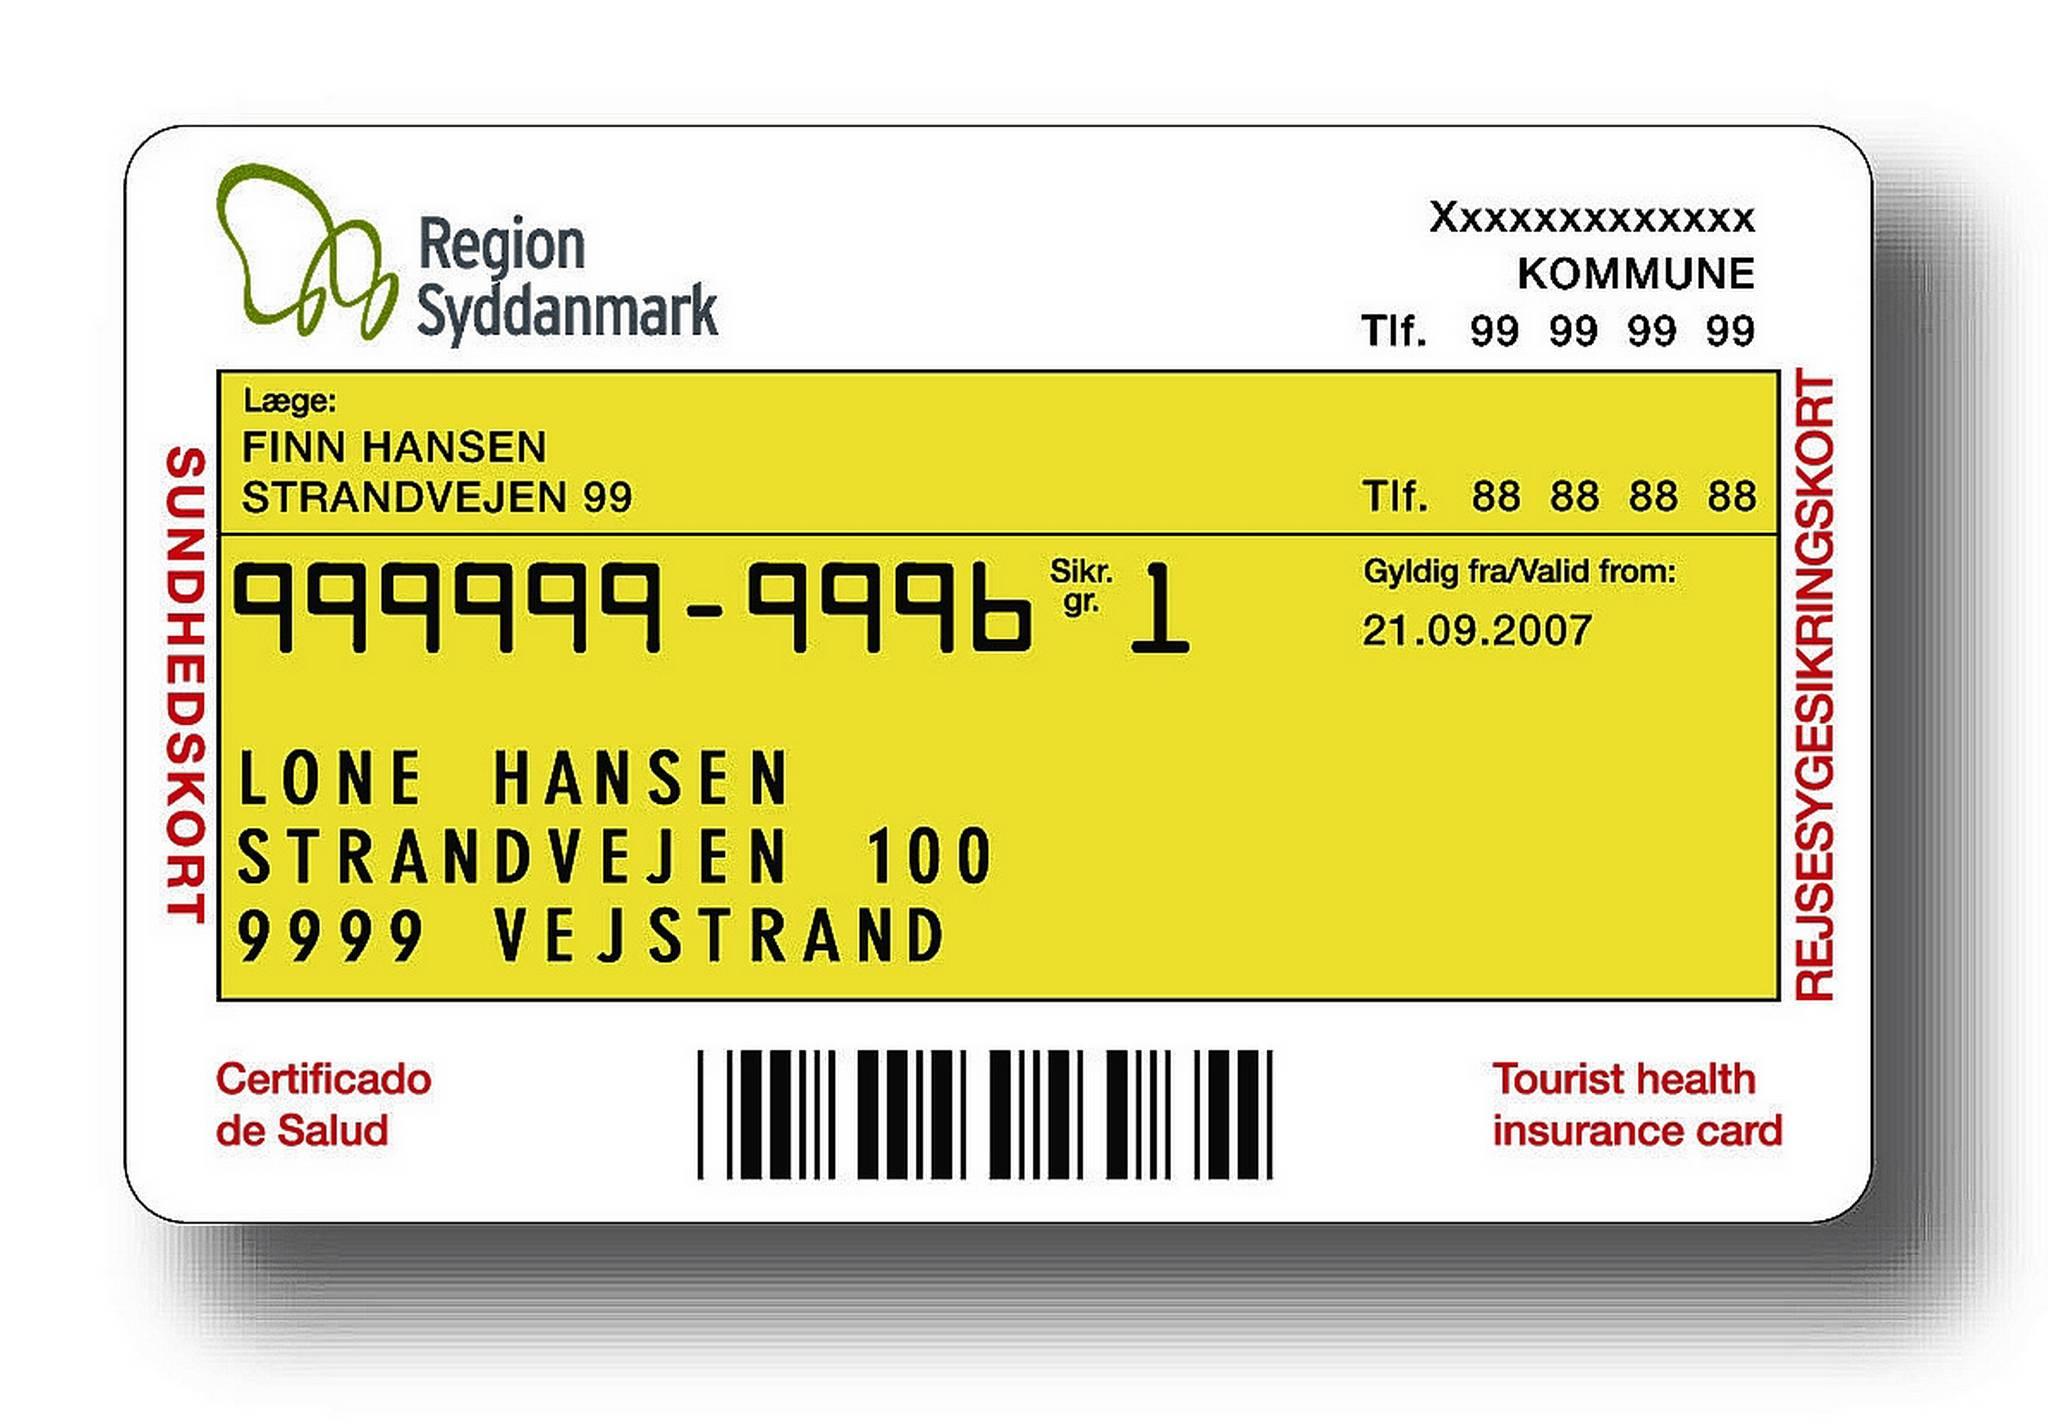 Nu får du sundhedskortet som app | Komputer.dk